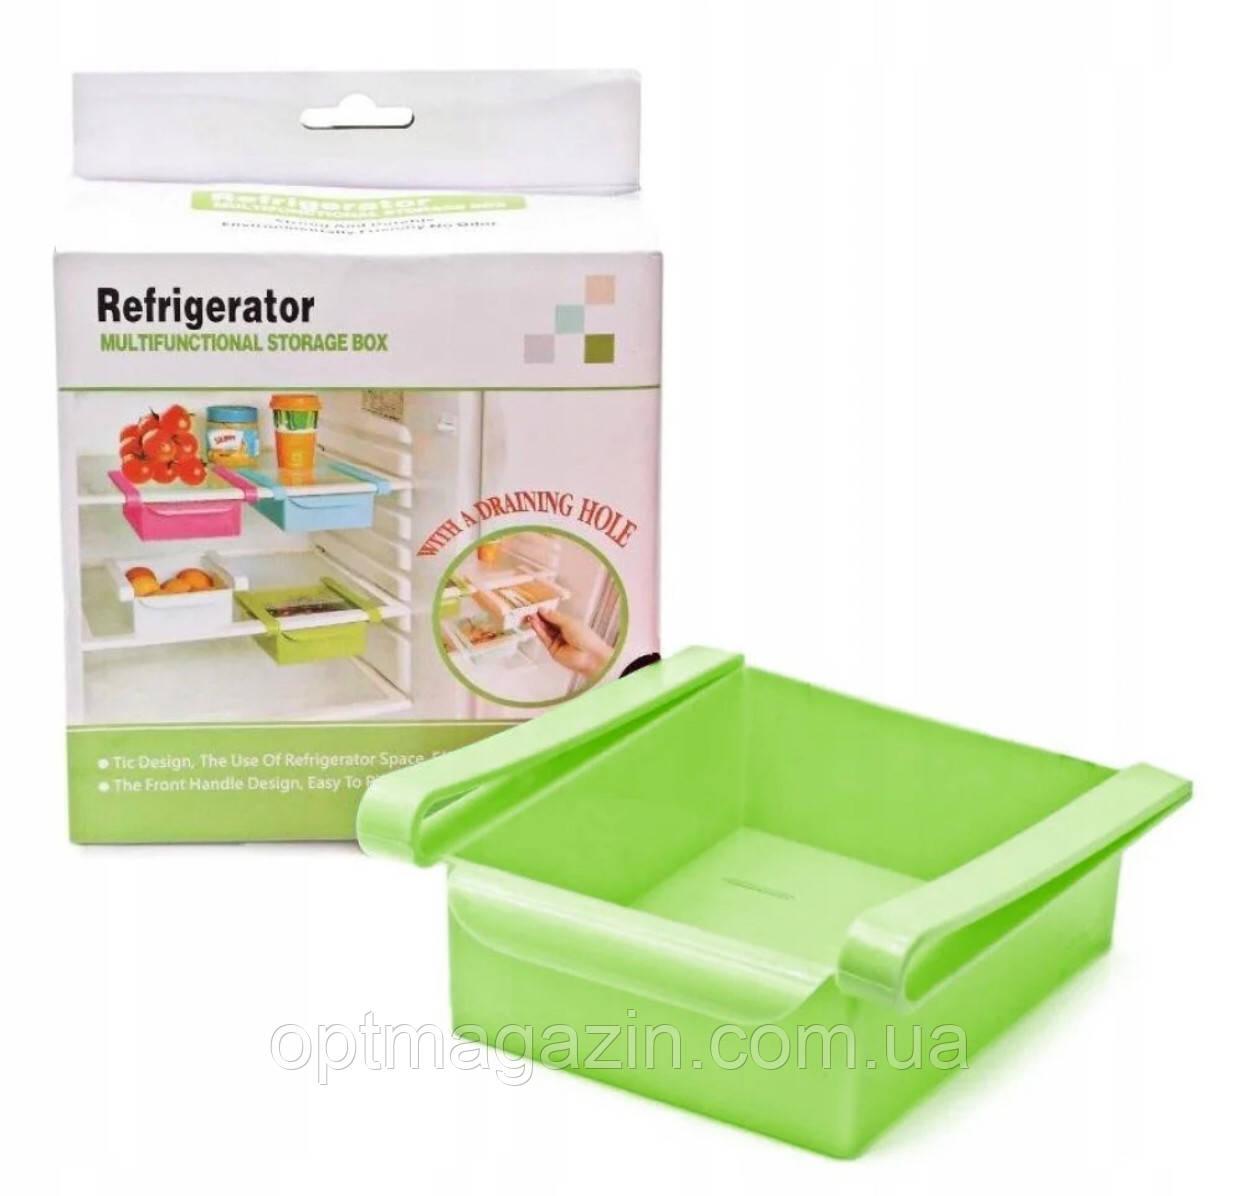 Додатковий підвісний контейнер для холодильника і вдома NBZ Refrigerator Multifunctional Storage Box Green